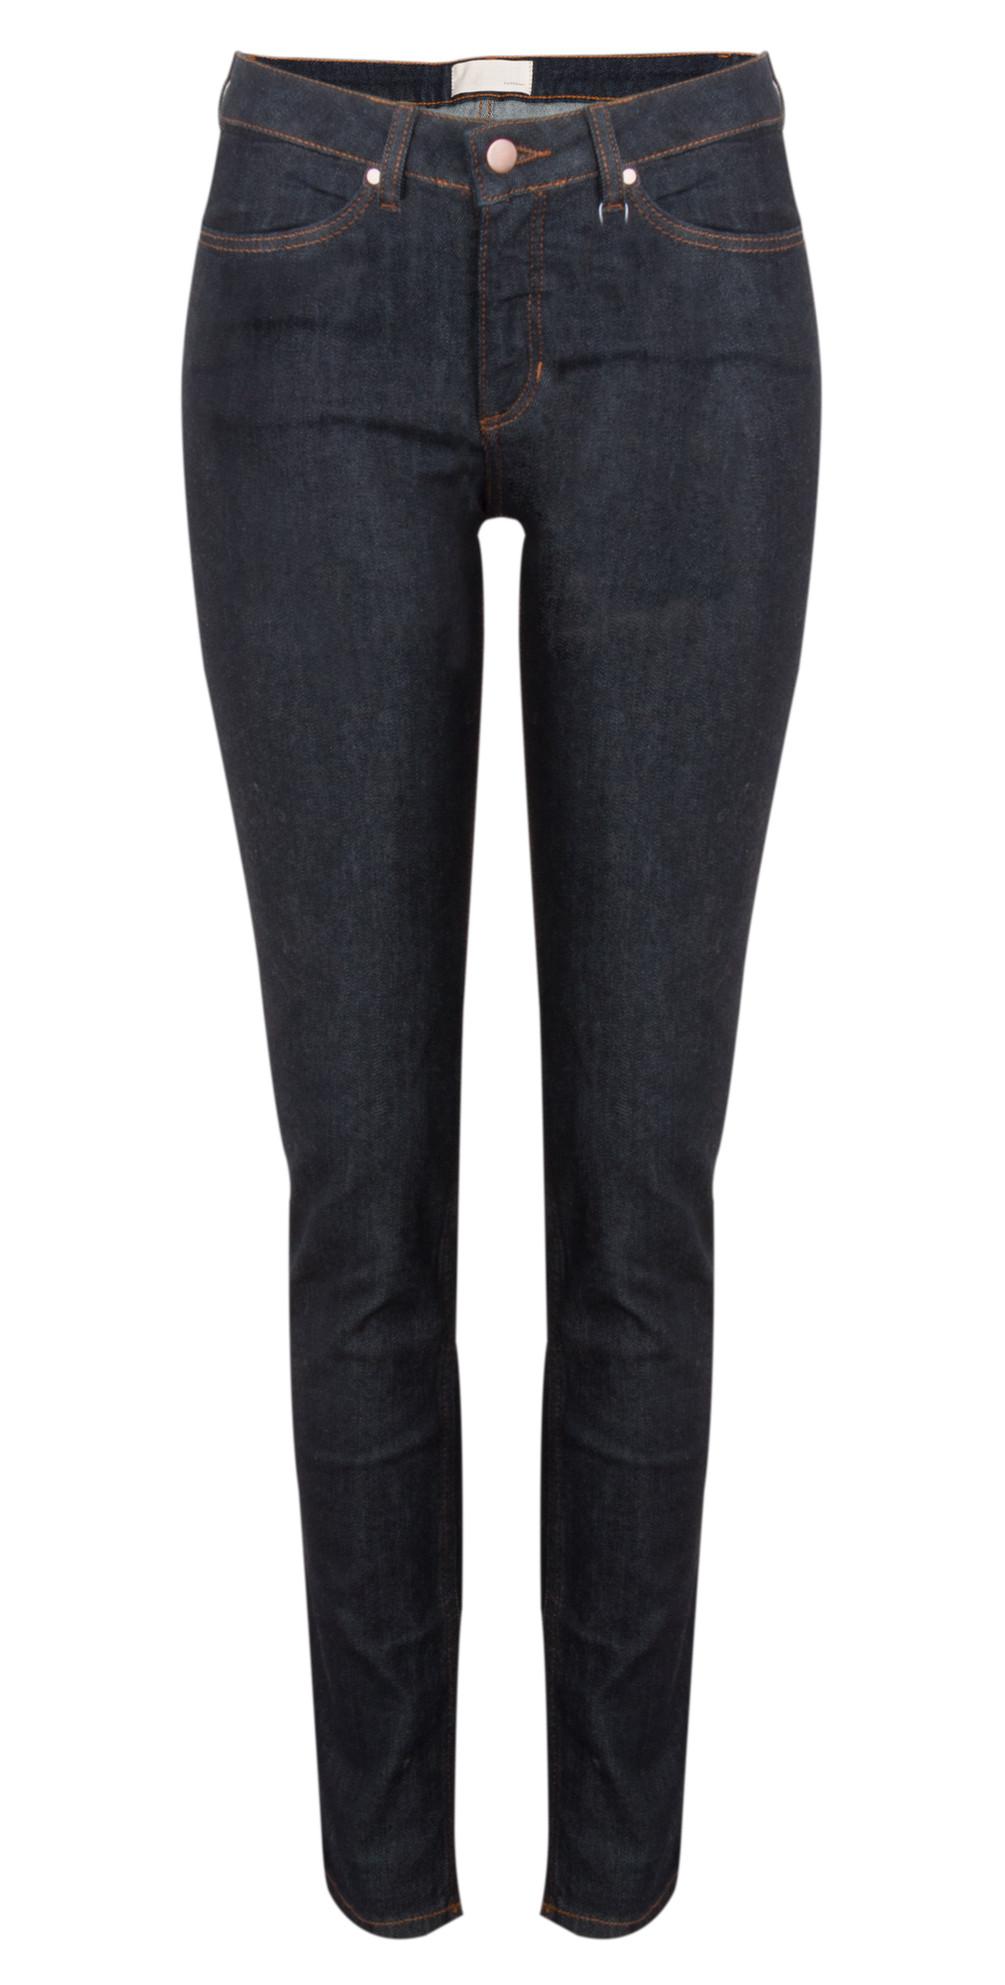 Slimcity Cotton Jeans main image